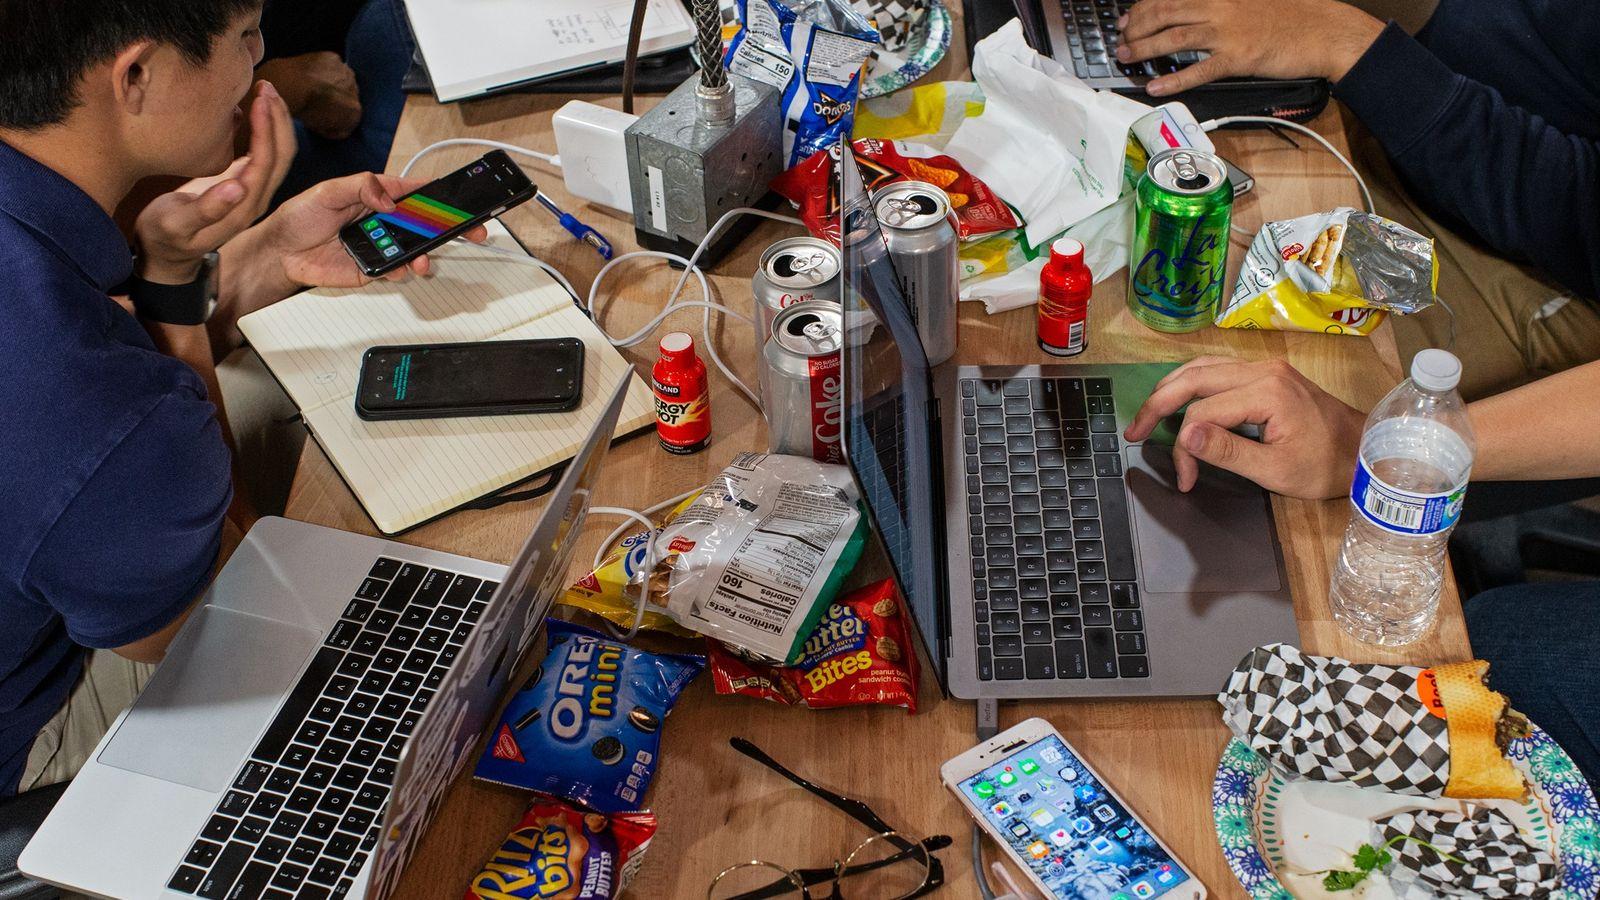 Con colaciones, bebidas energéticas y refrescos de dieta, los estudiantes de la Universidad Tecnológica Nanyang de ...